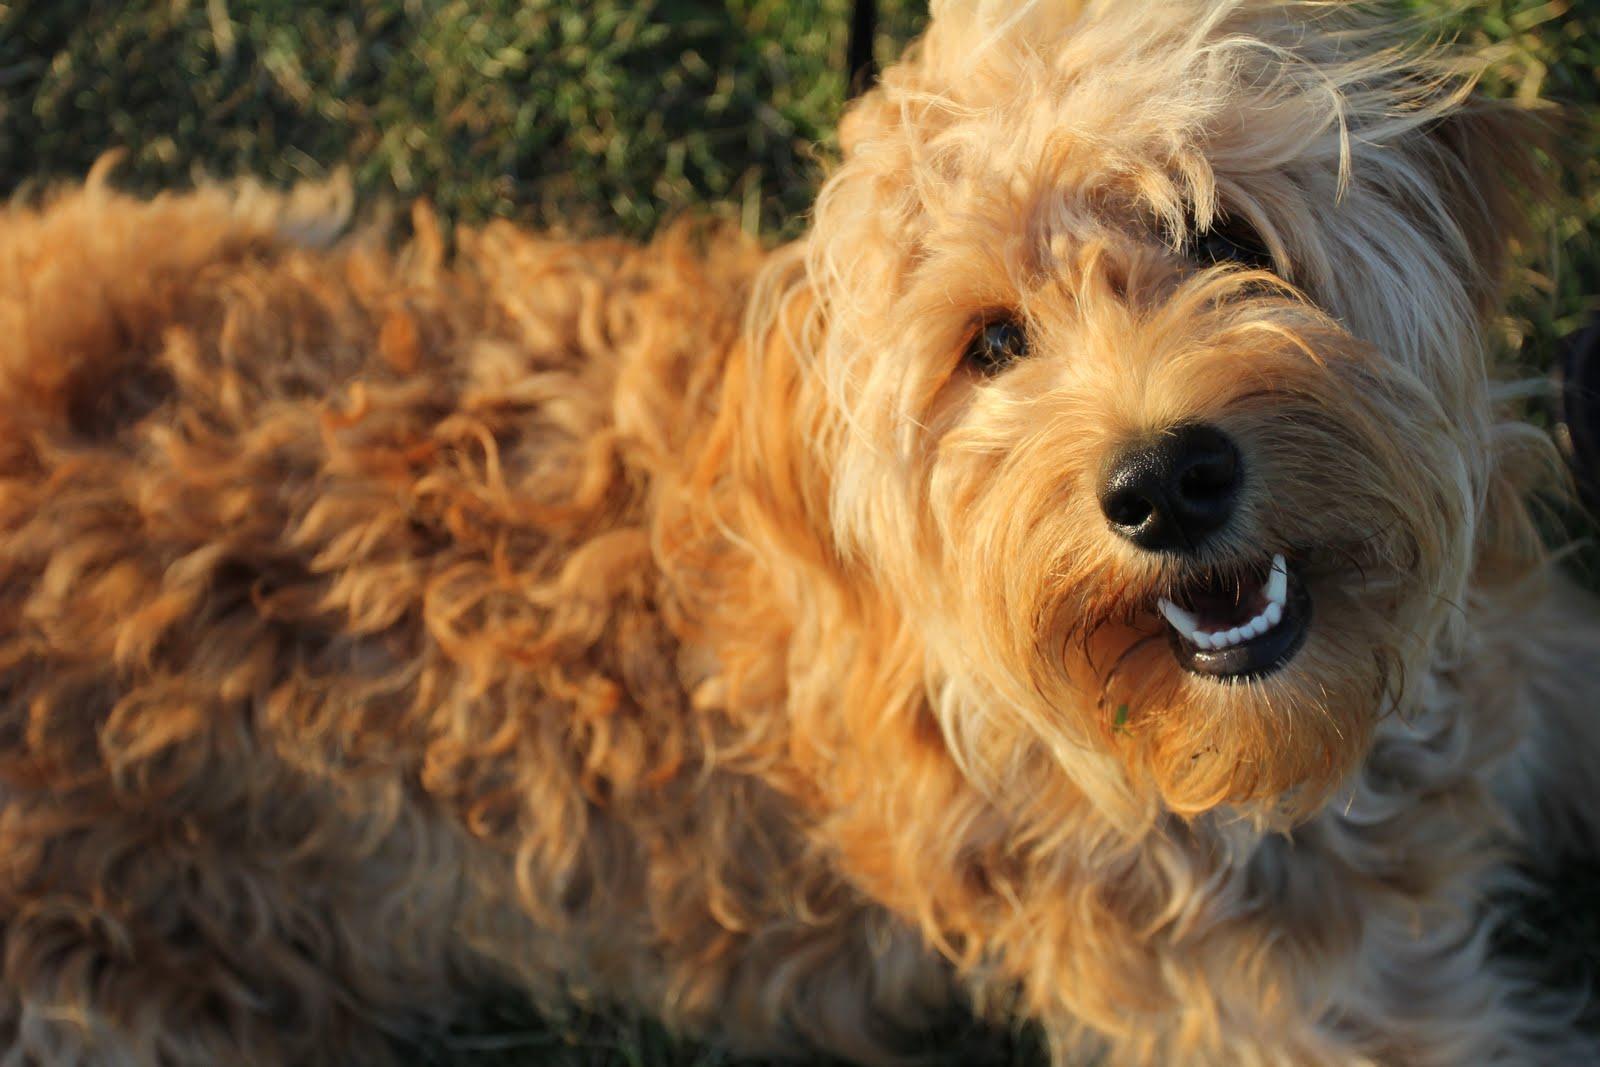 husky mix with poodle 1001doggycom